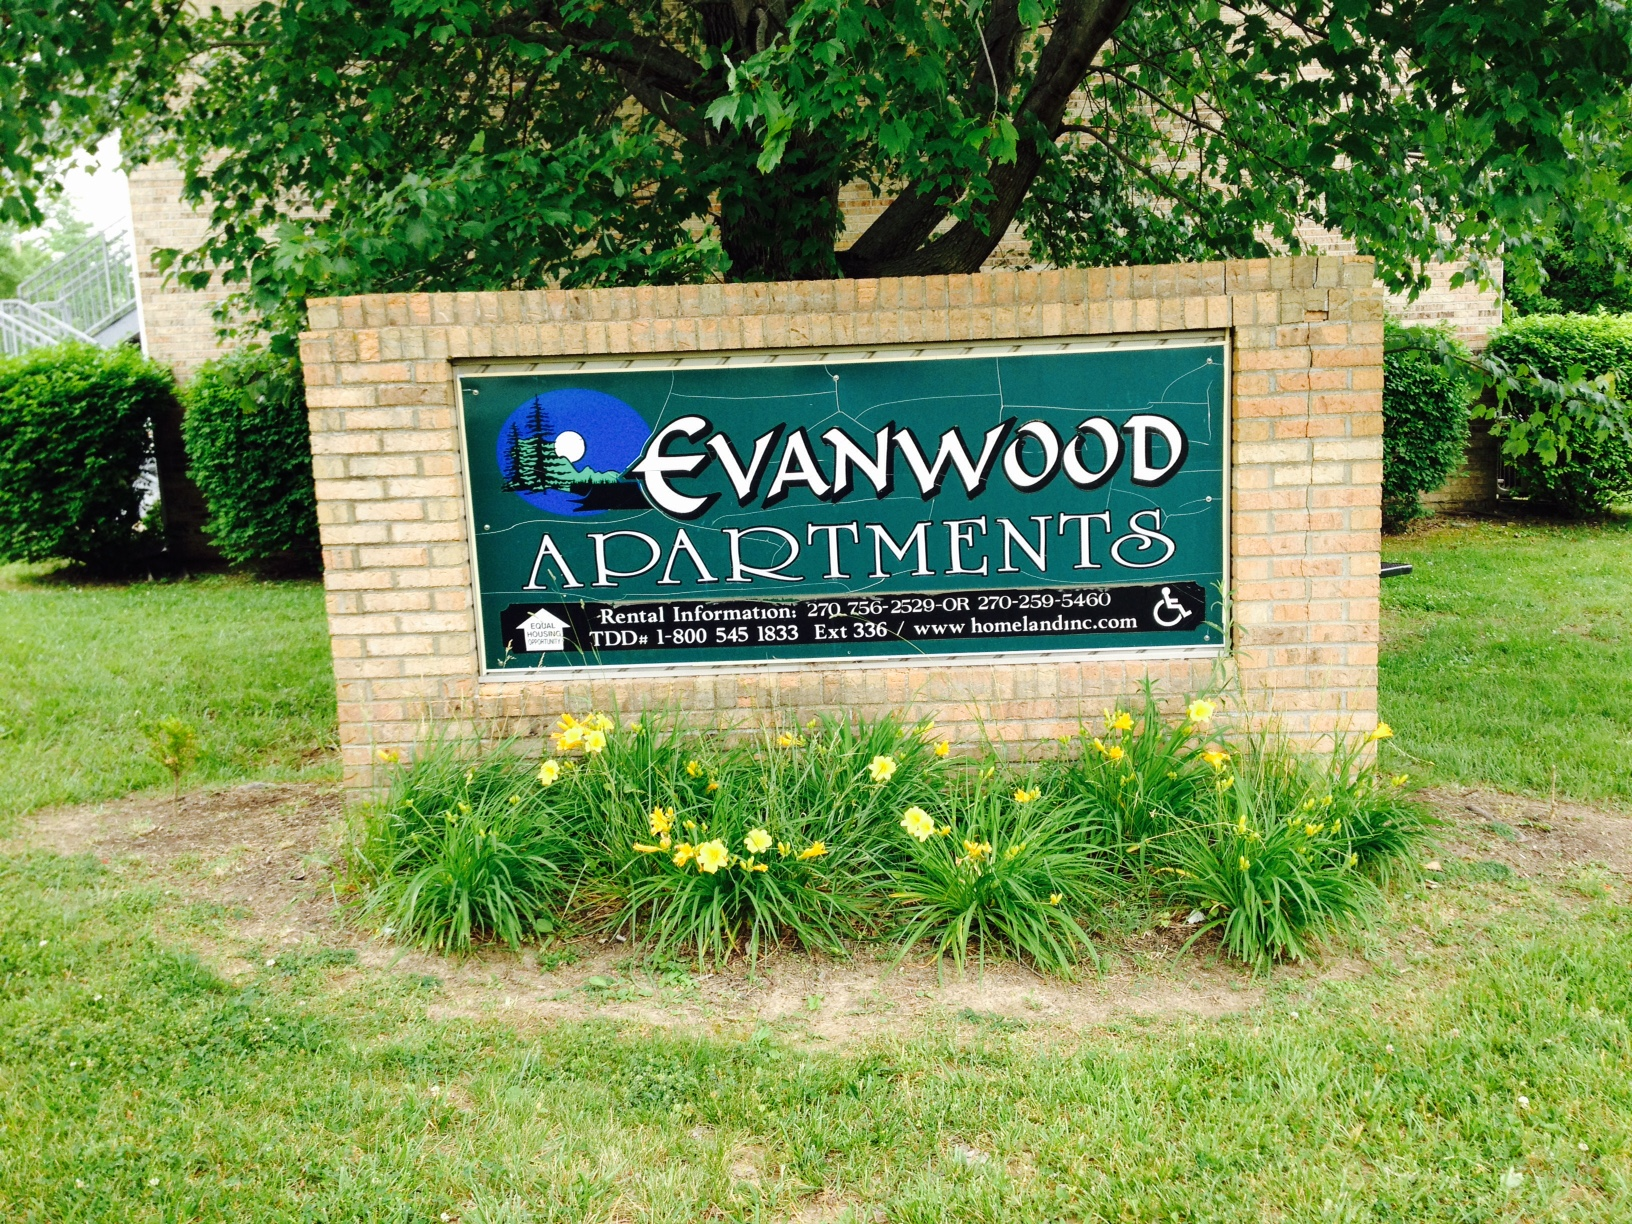 Evanwood Apartments